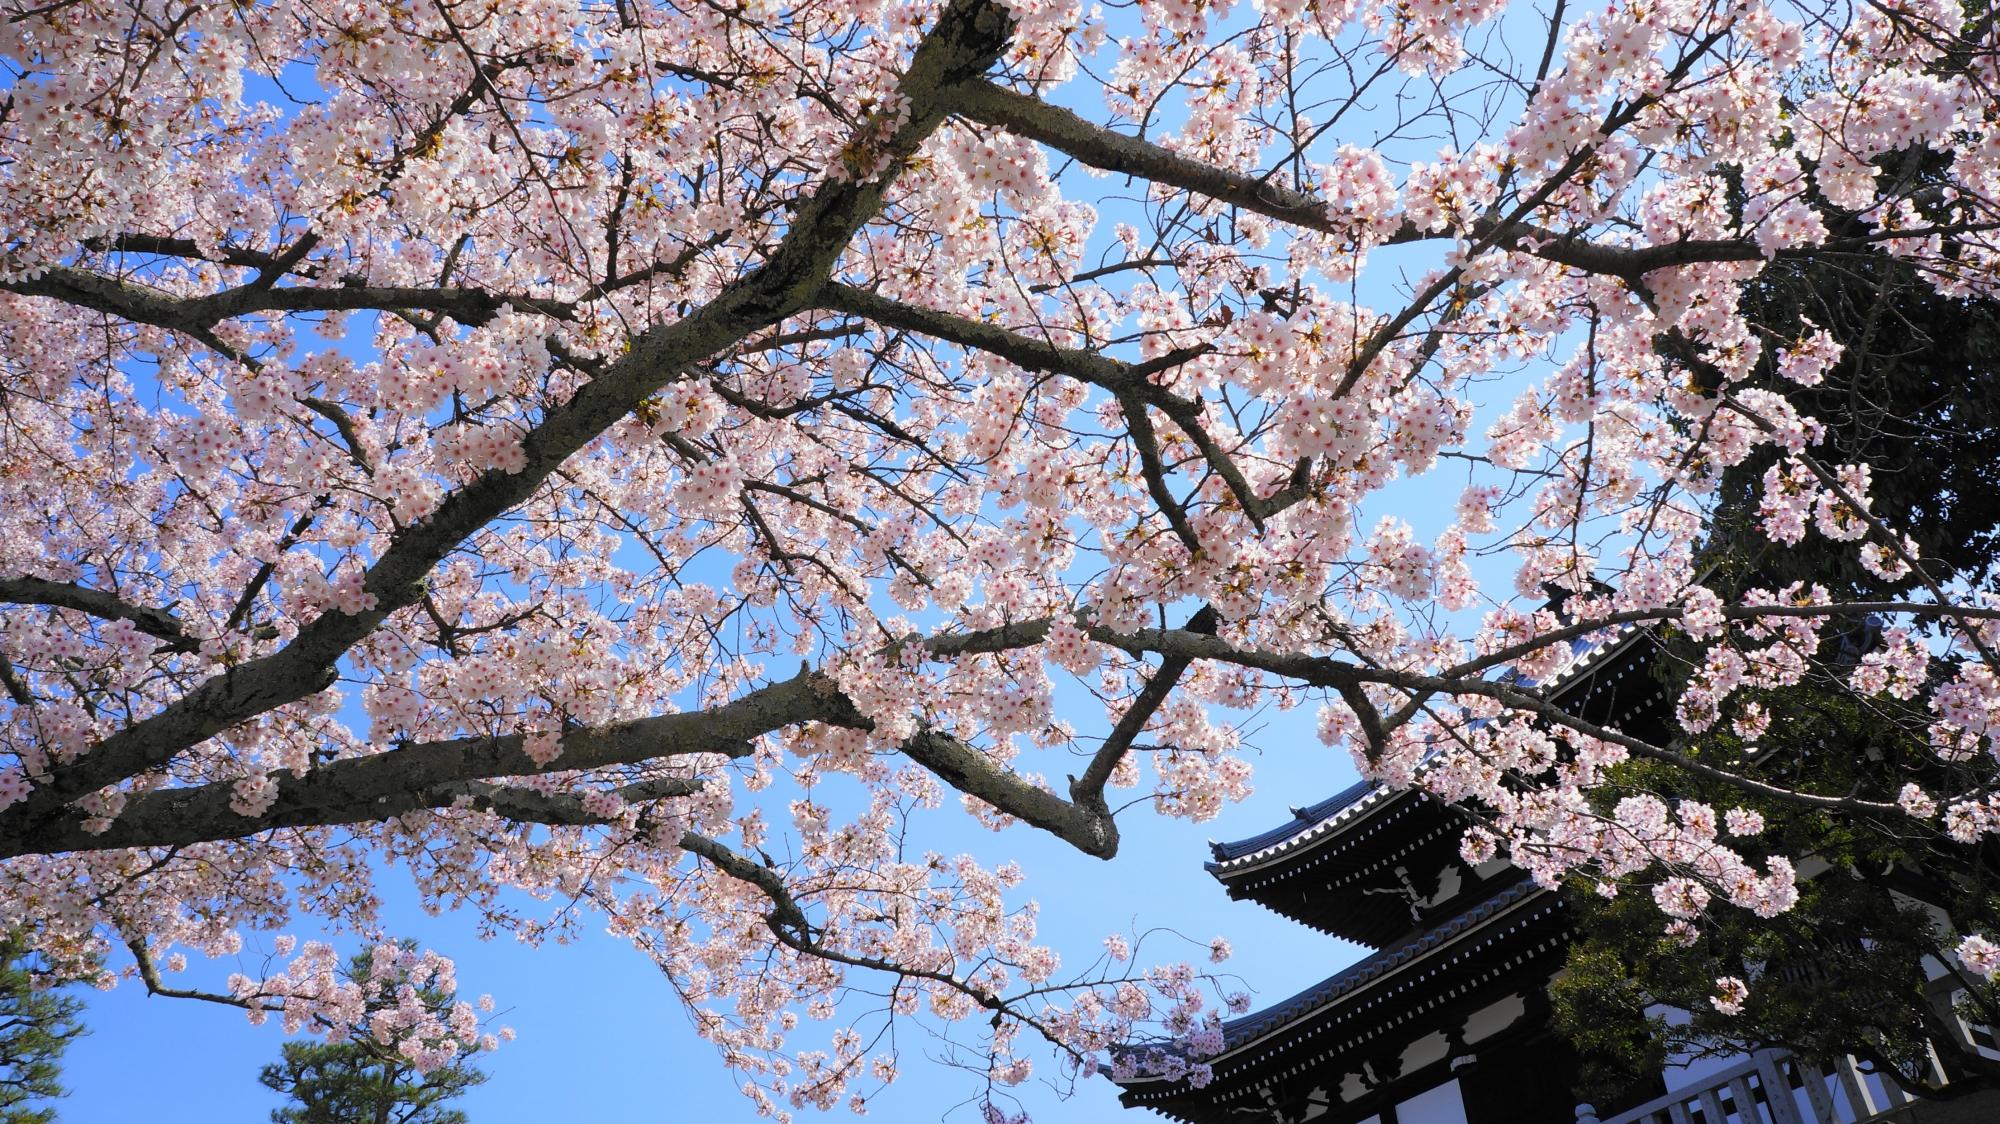 石段の下からの眺めた経蔵と桜